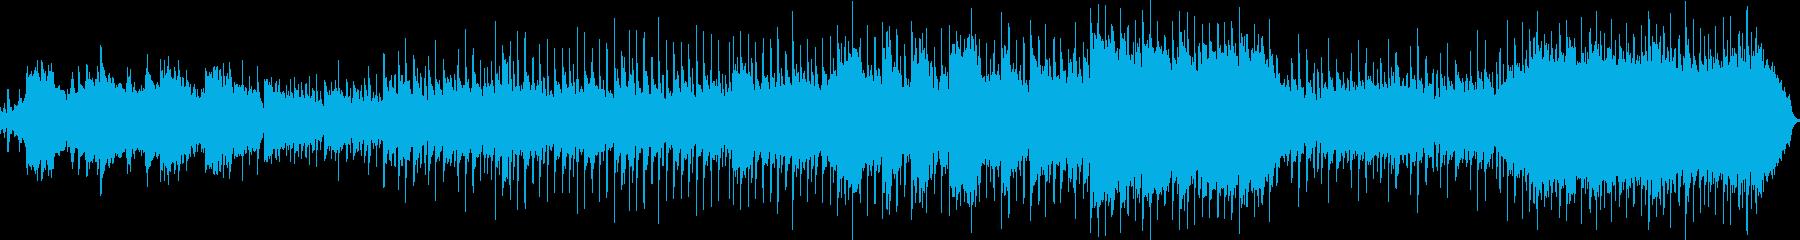 スロー。ピアノバー。の再生済みの波形